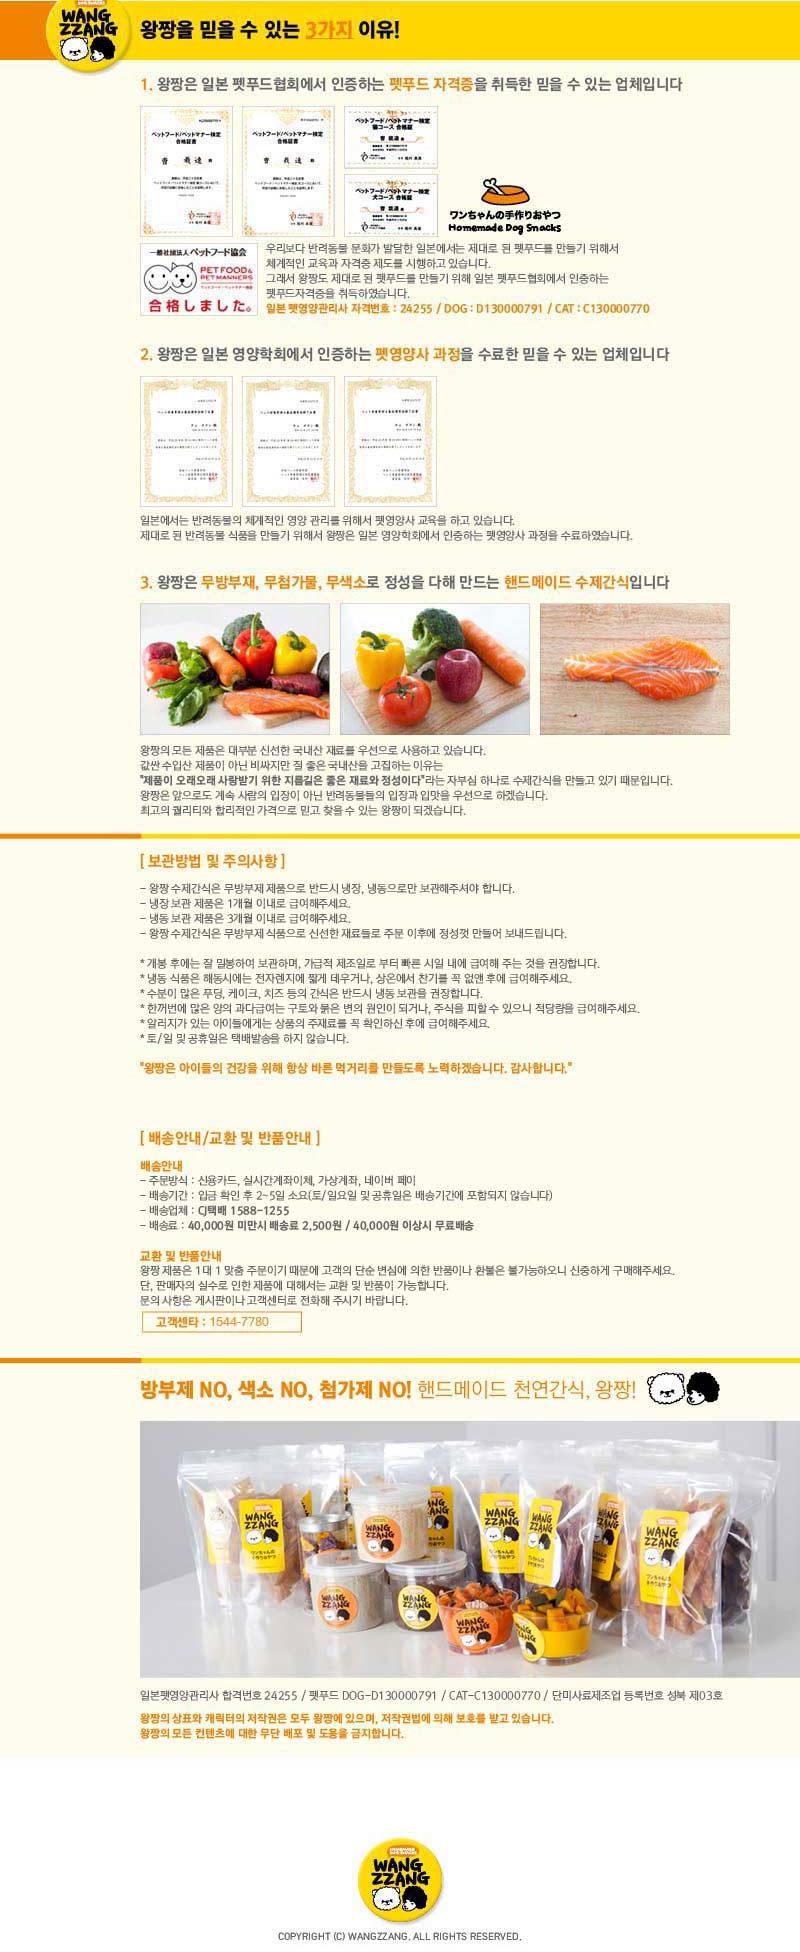 원기회복엔 황태파우더 - 왕짱, 7,200원, 간식/영양제, 영양보호제